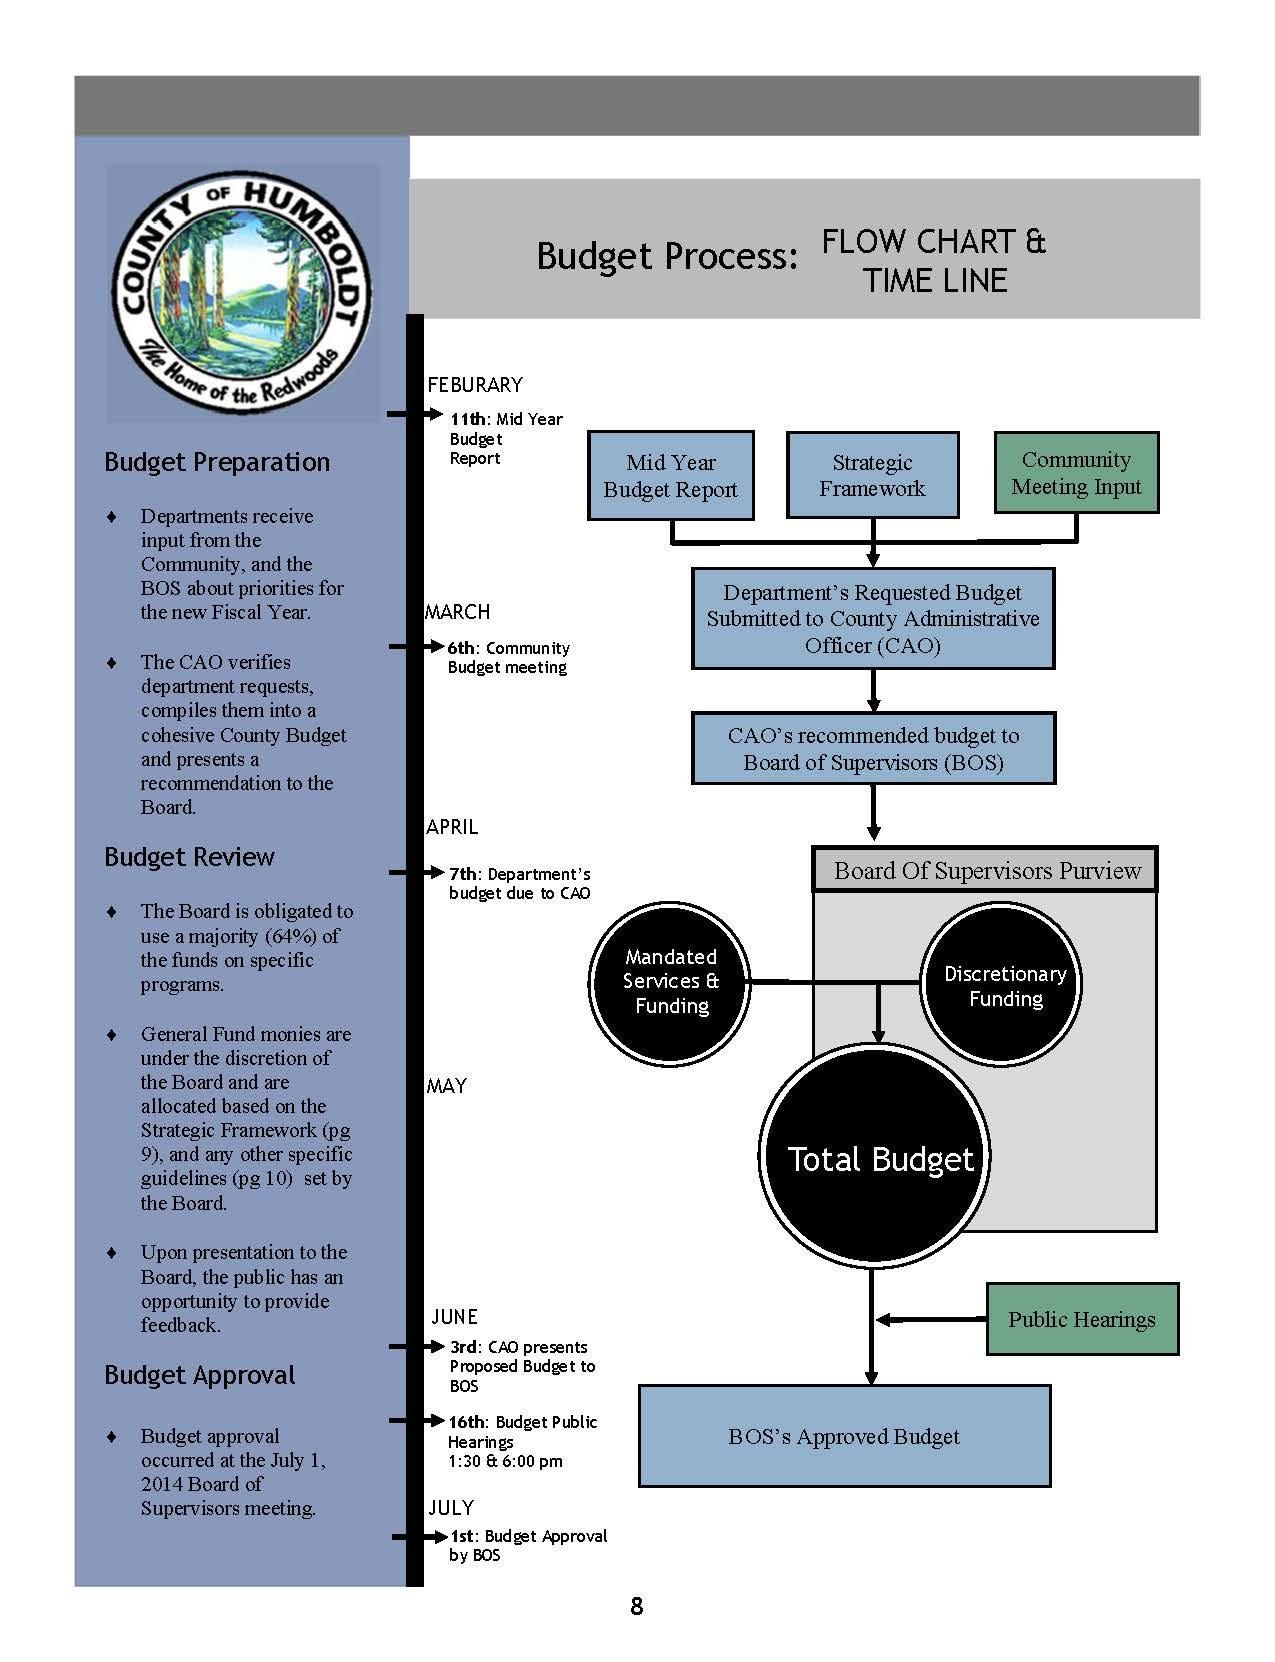 Budget Process Flow Chart